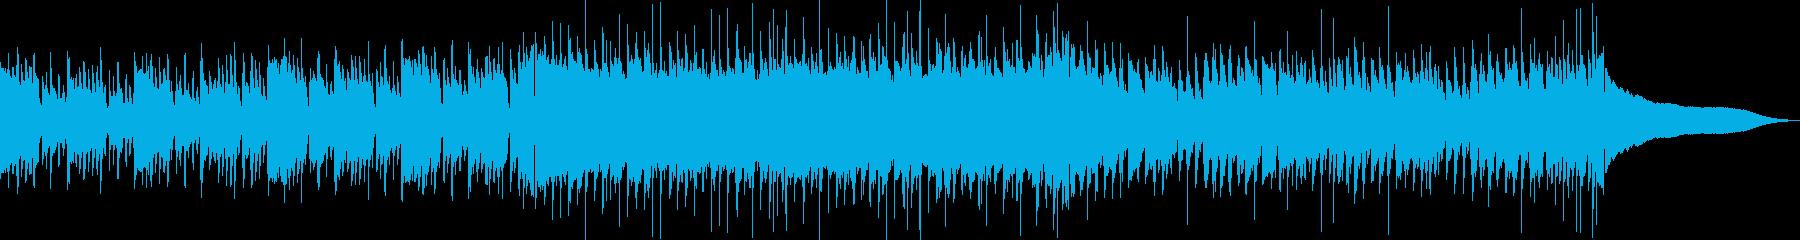 ほのぼのした夏のCM用生演奏ウクレレ曲の再生済みの波形